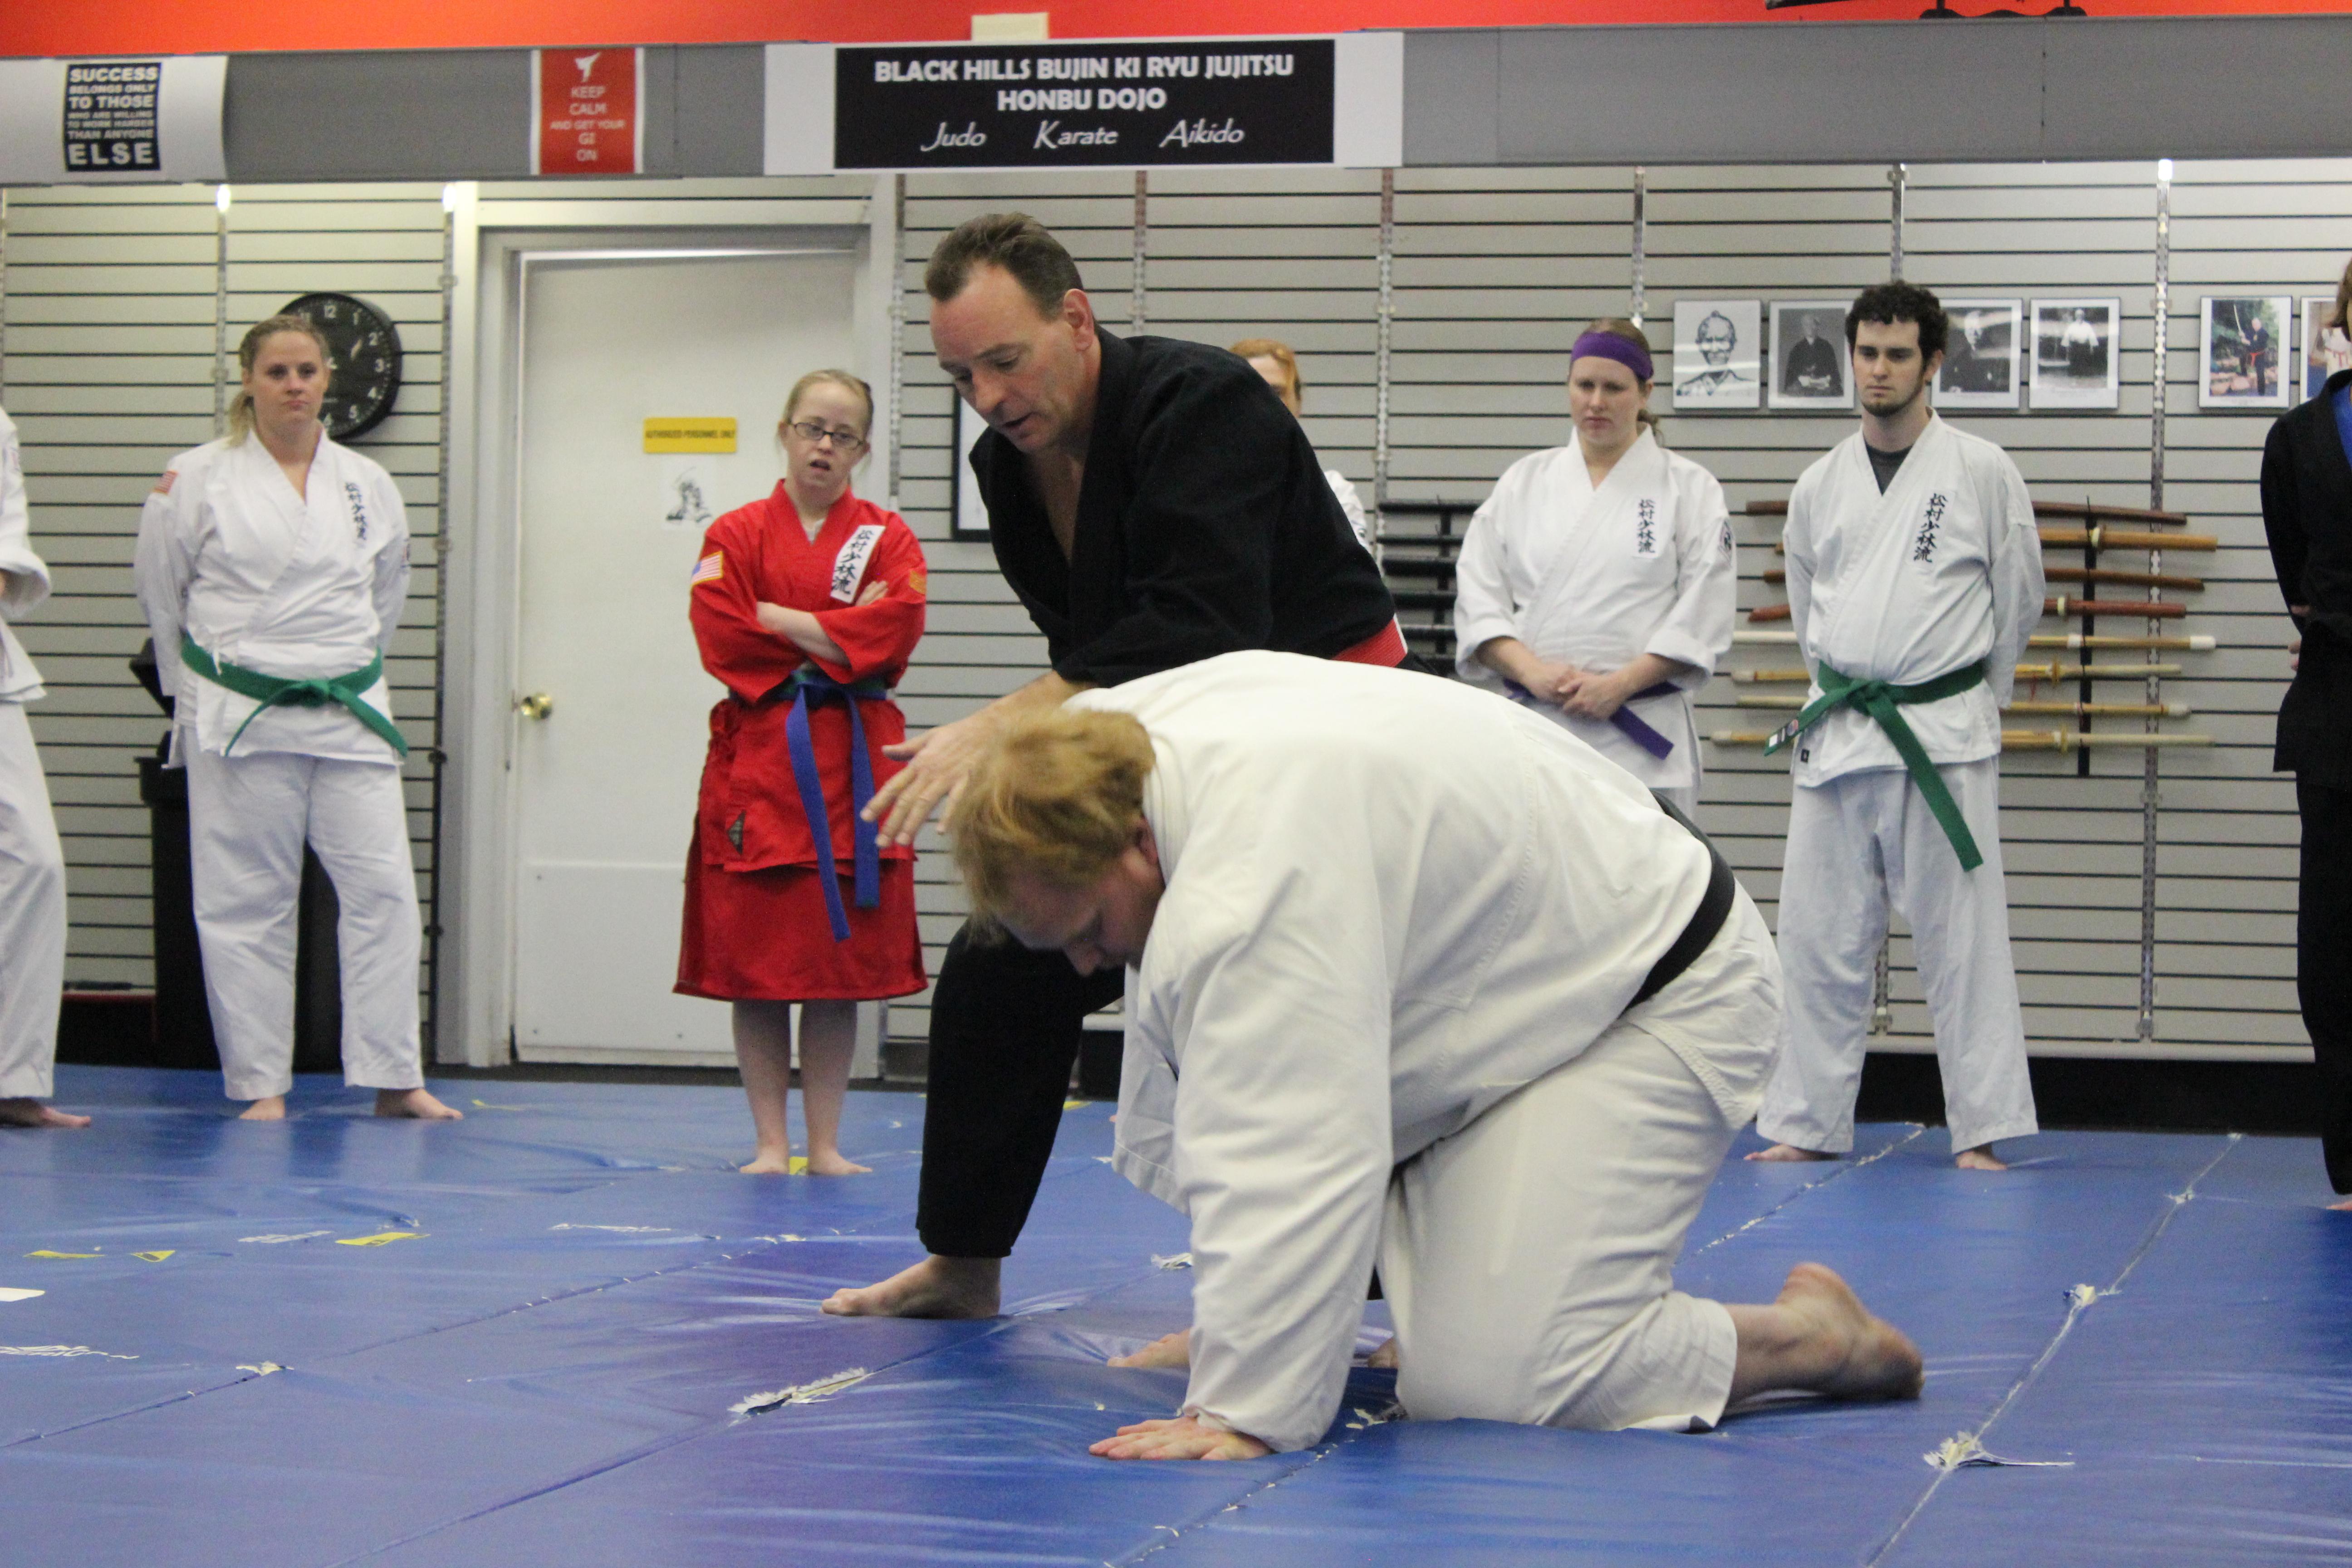 Shihan Horner demonstrating takedown